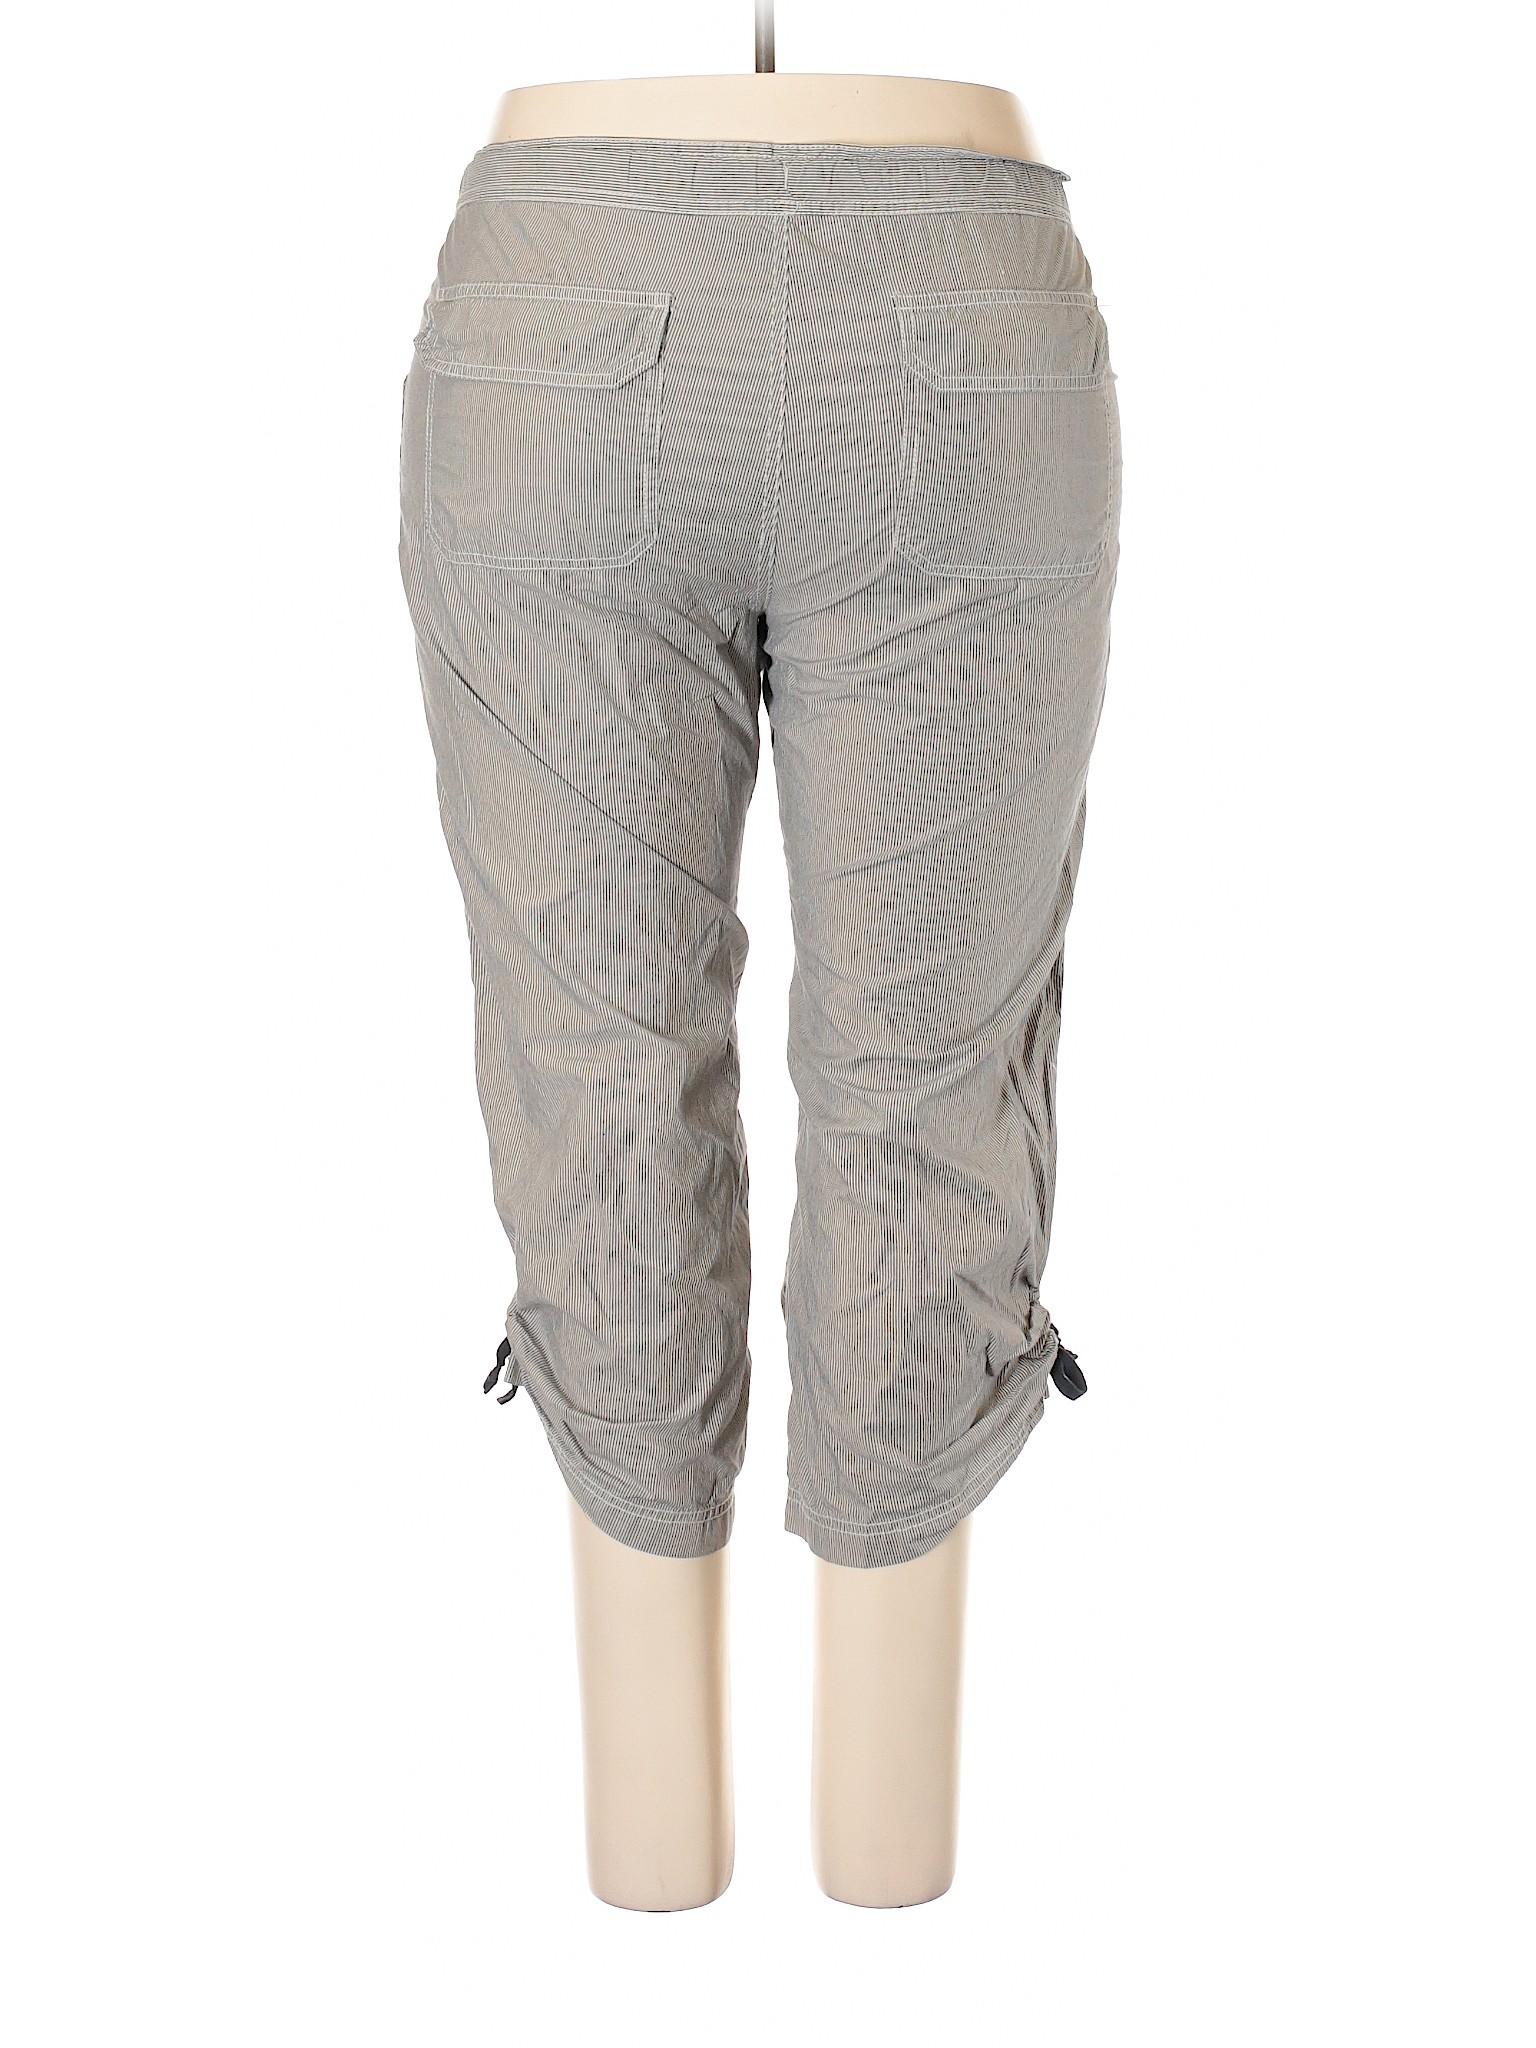 Boutique Outlet Pants Casual Gap leisure rF4qwrC